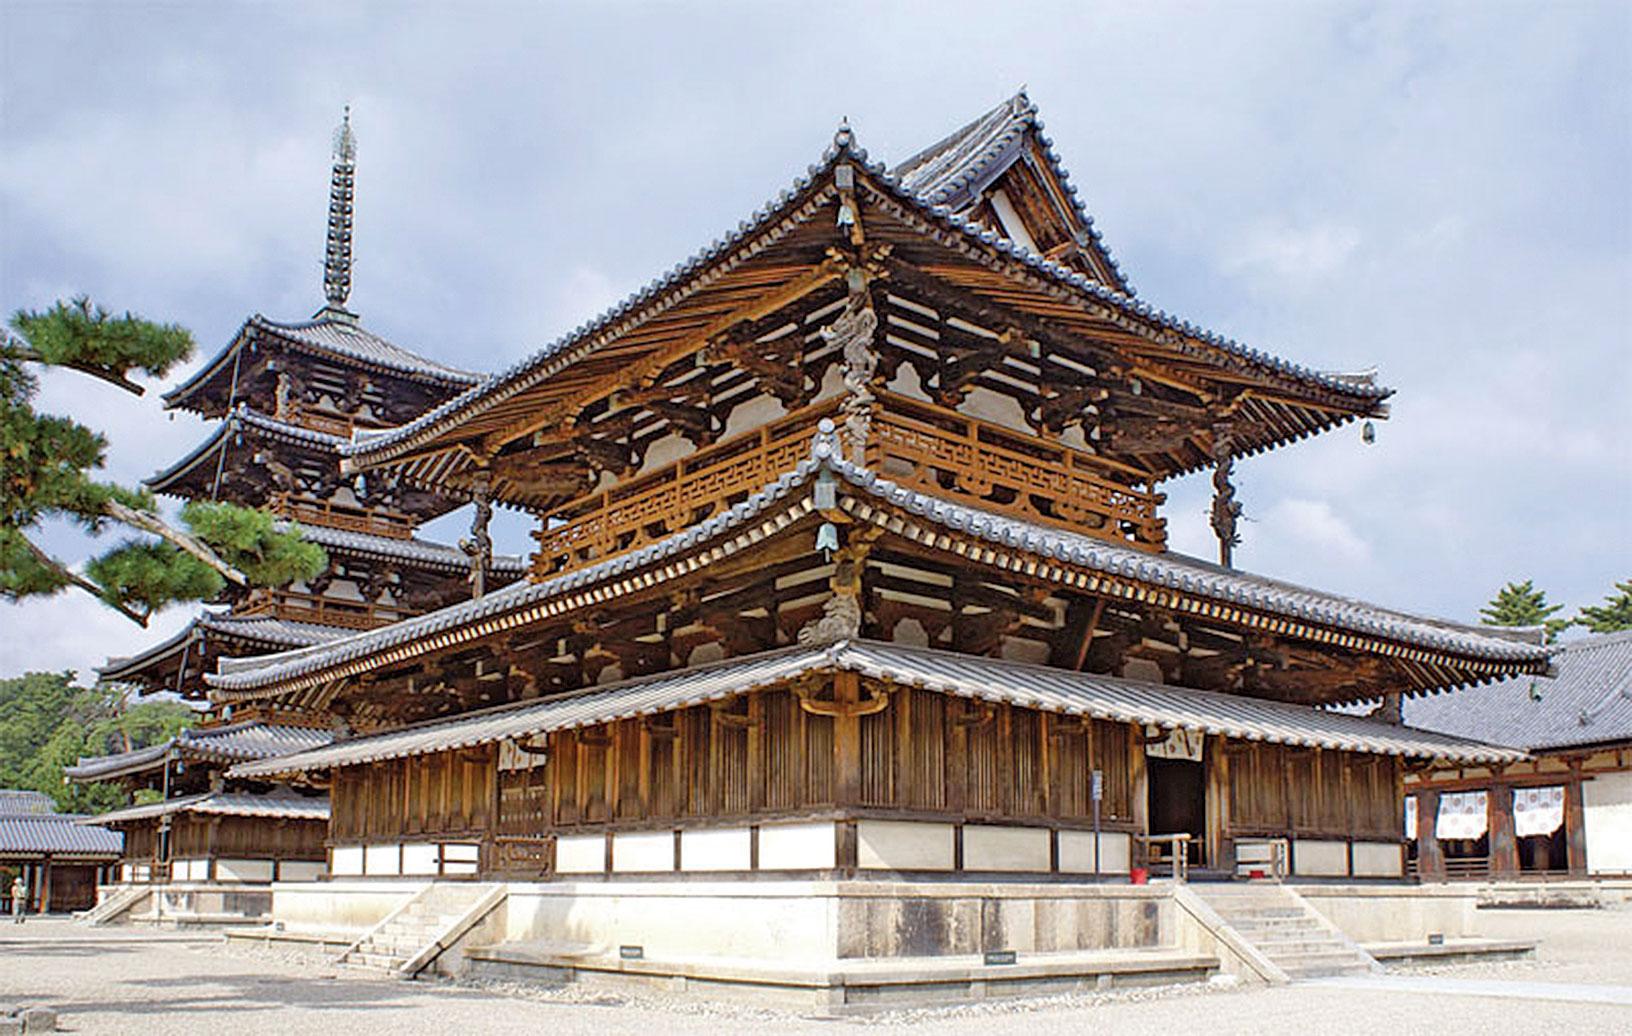 日本聖德太子執政期間的飛鳥時代在奈良縣興建的法隆寺。(663highland/維基百科)